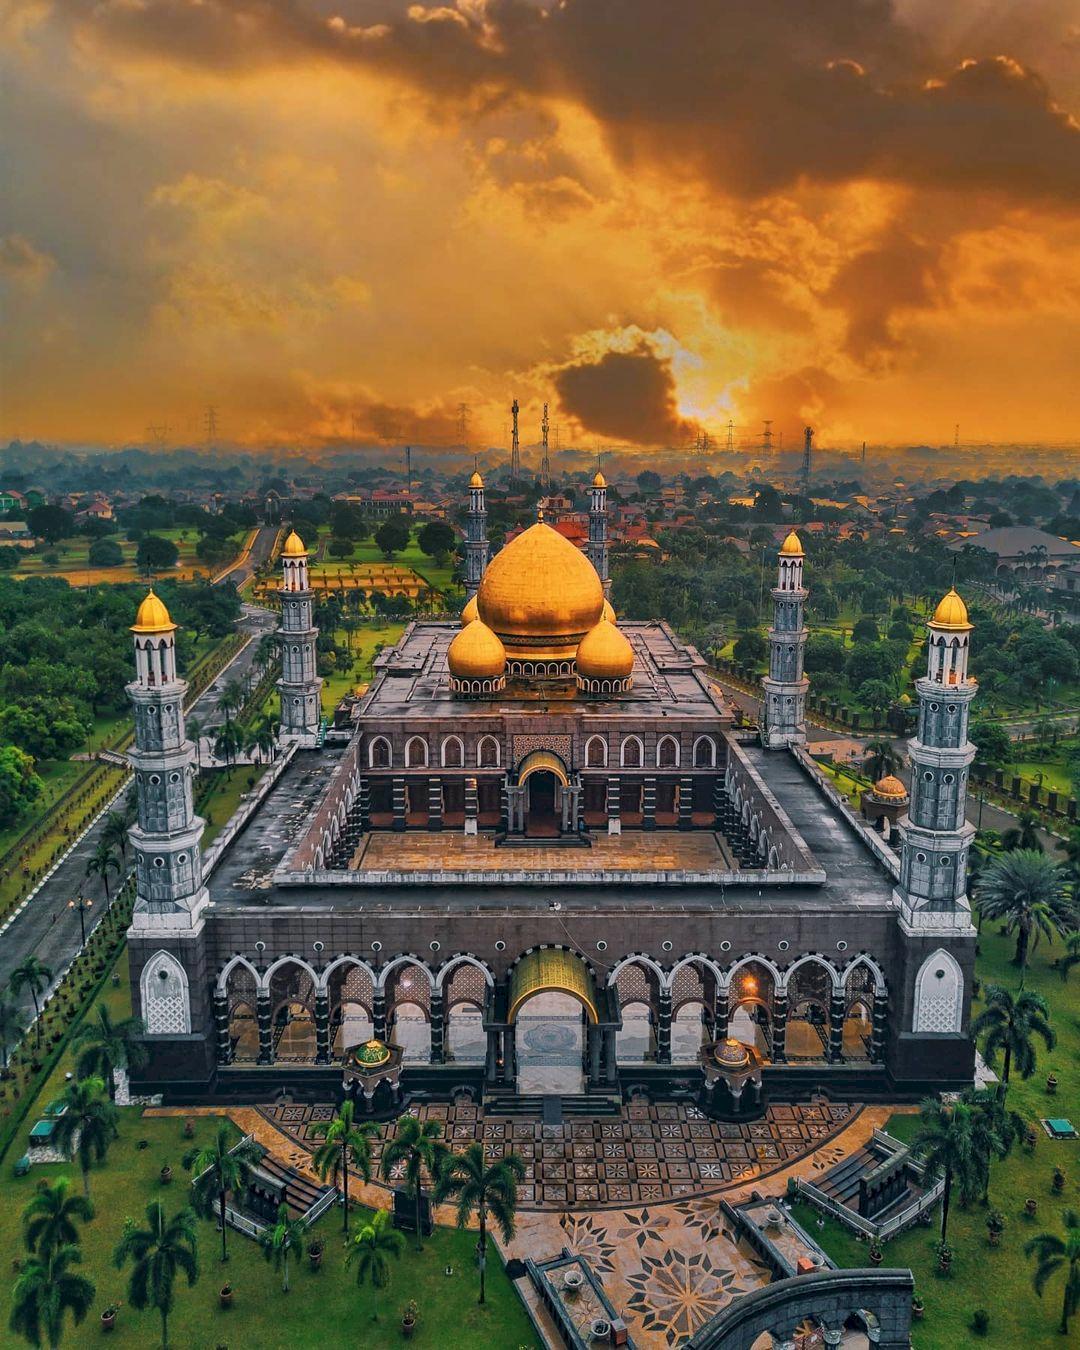 Sudah Tahu Belum Kalau 6 Masjid Ikonik di Jabodetabek Ini Miliki Arsitektur Unik dan Indah? Yuk, Lihat